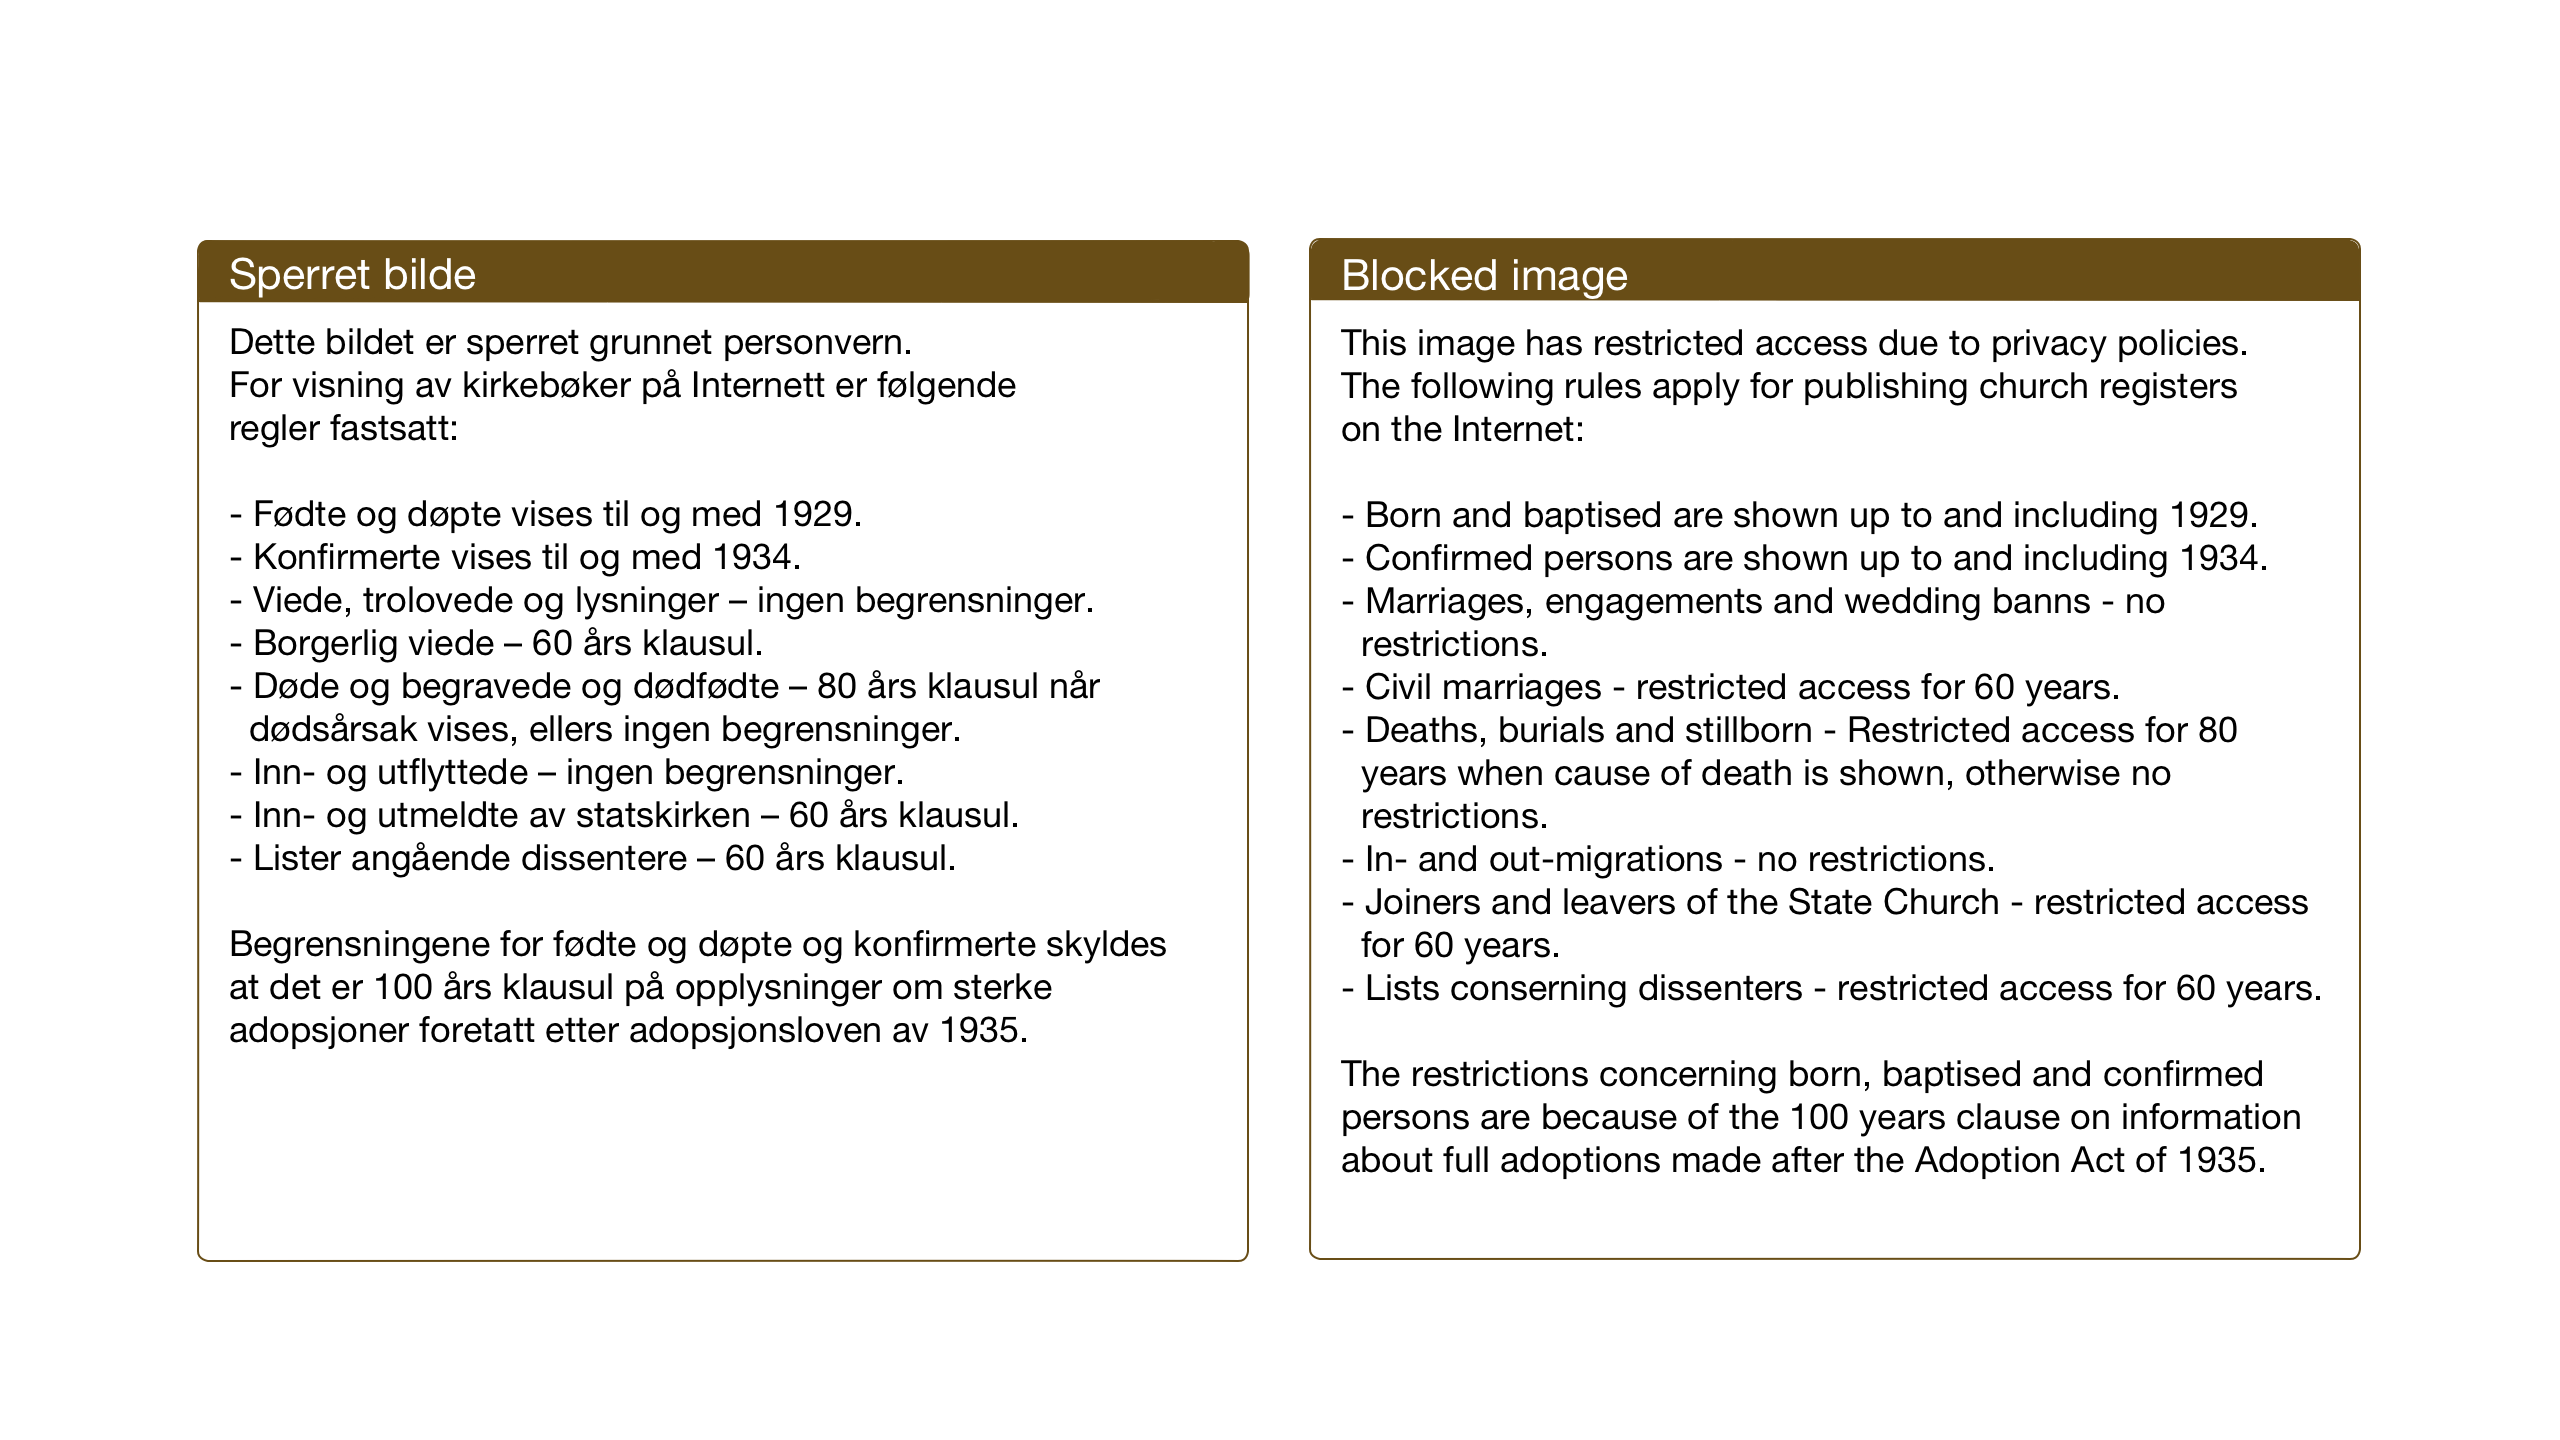 SAT, Ministerialprotokoller, klokkerbøker og fødselsregistre - Sør-Trøndelag, 674/L0878: Klokkerbok nr. 674C05, 1941-1950, s. 81